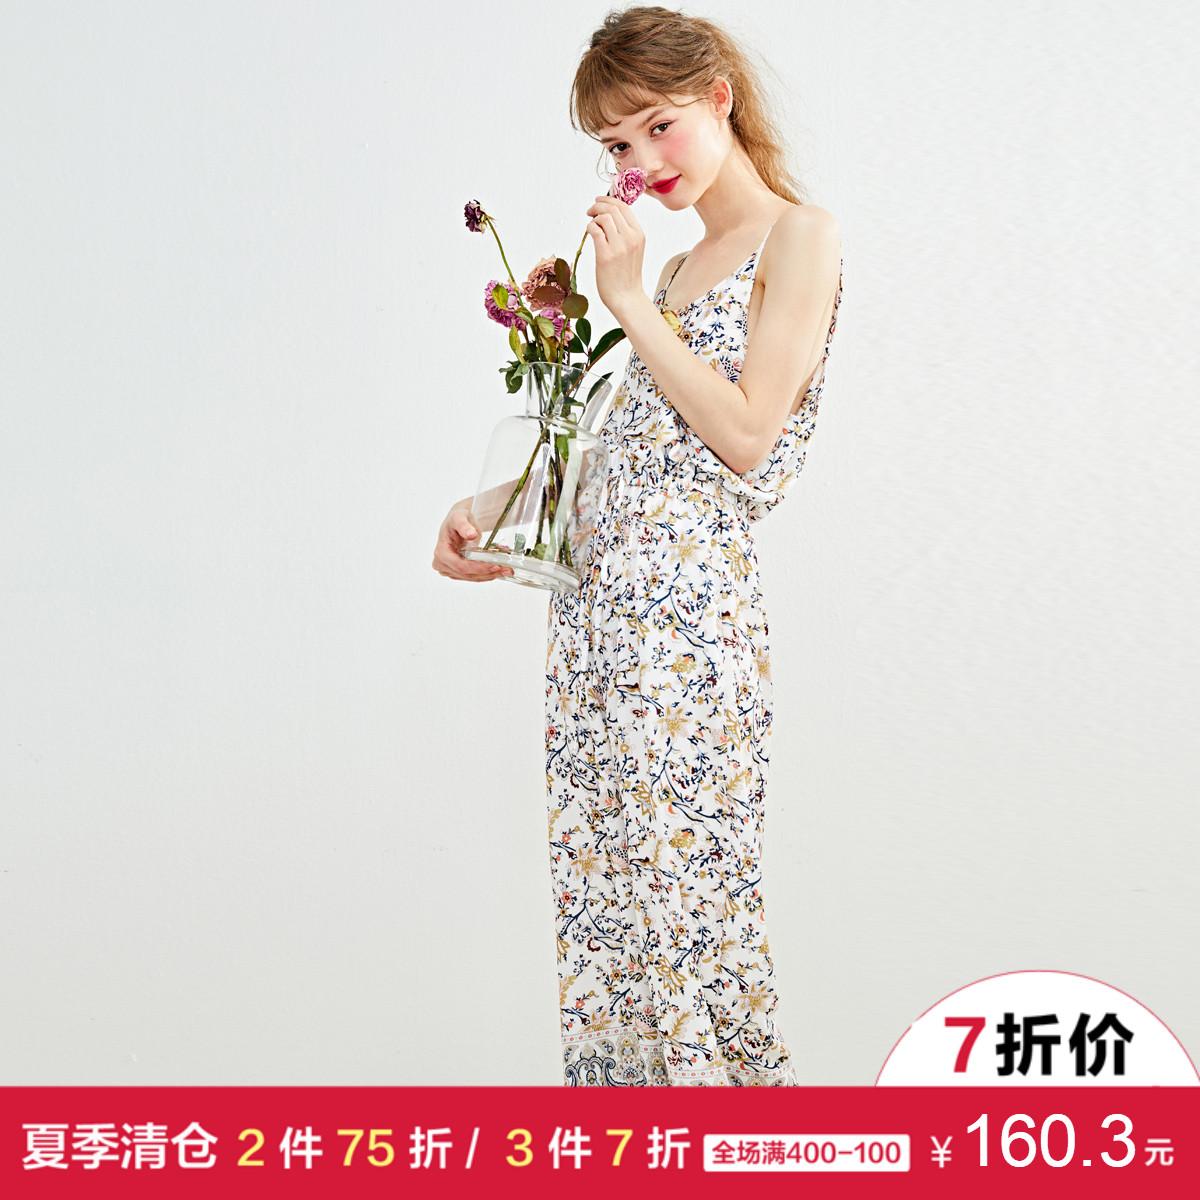 [3件7折]乐町春女吊带阔腿裤长裤雪纺碎花连体裤女裤休闲裤